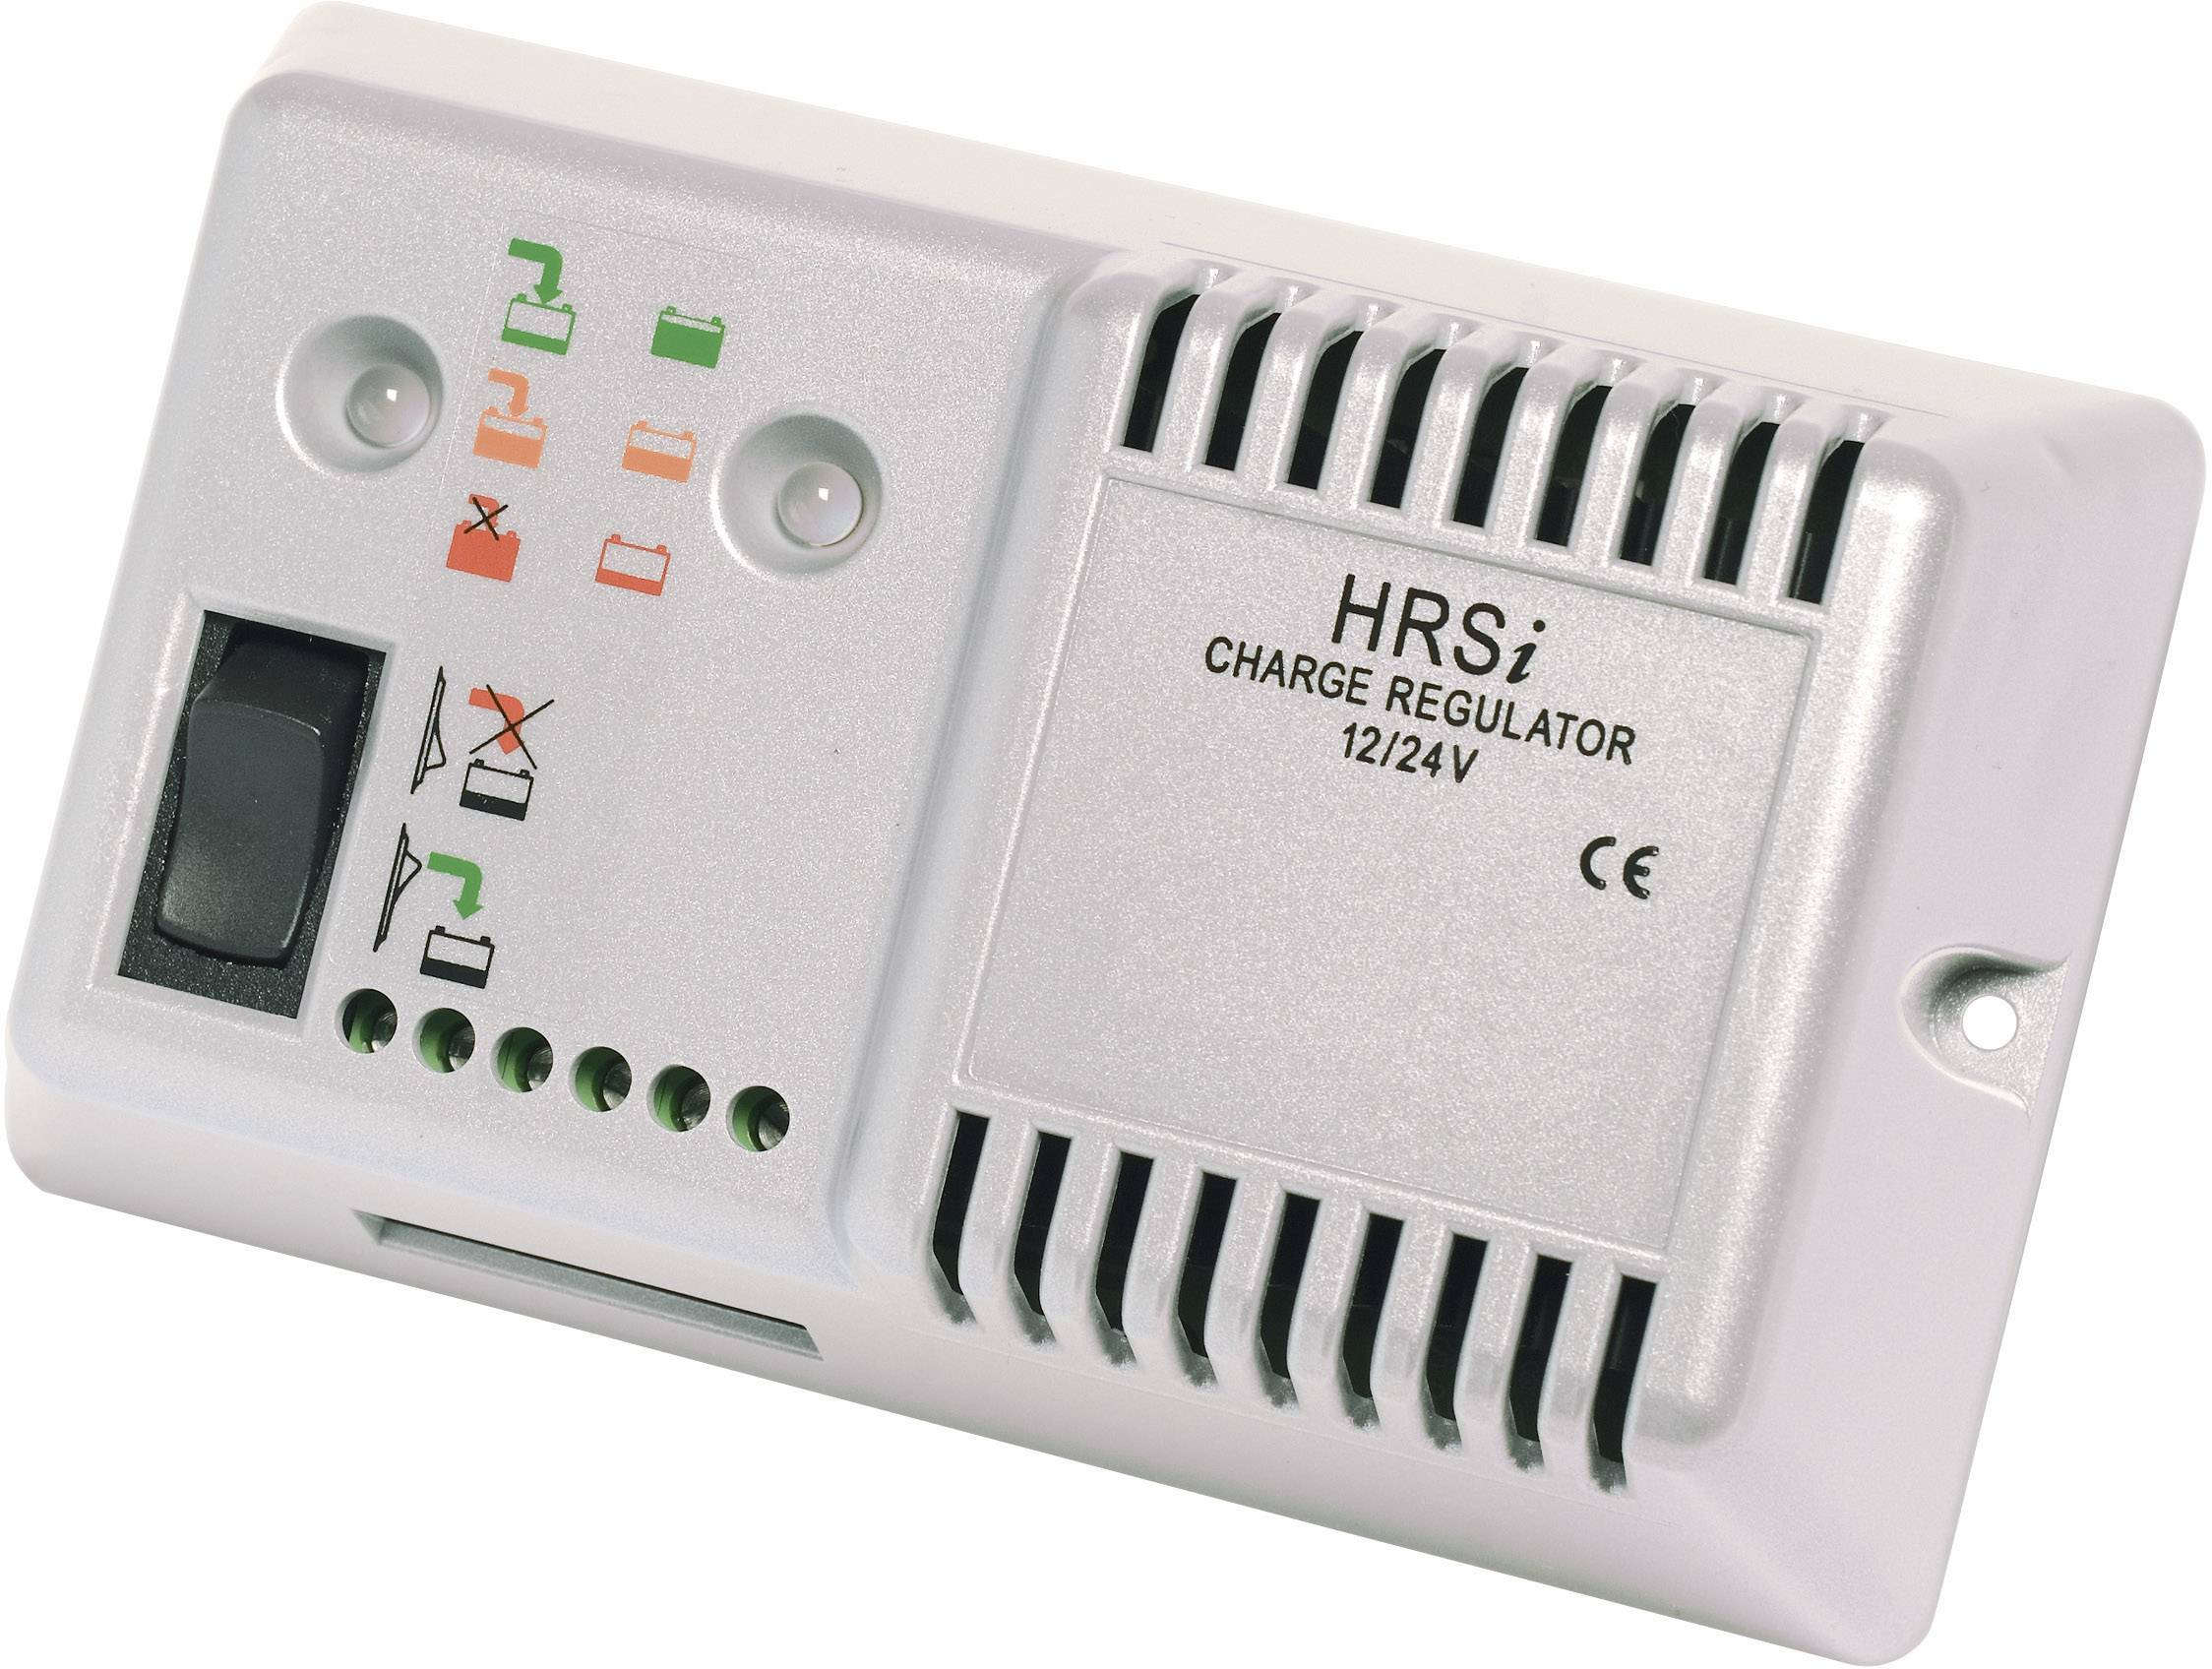 Solární regulátor nabíjení HRSi, 12/24 V, 13,33 A